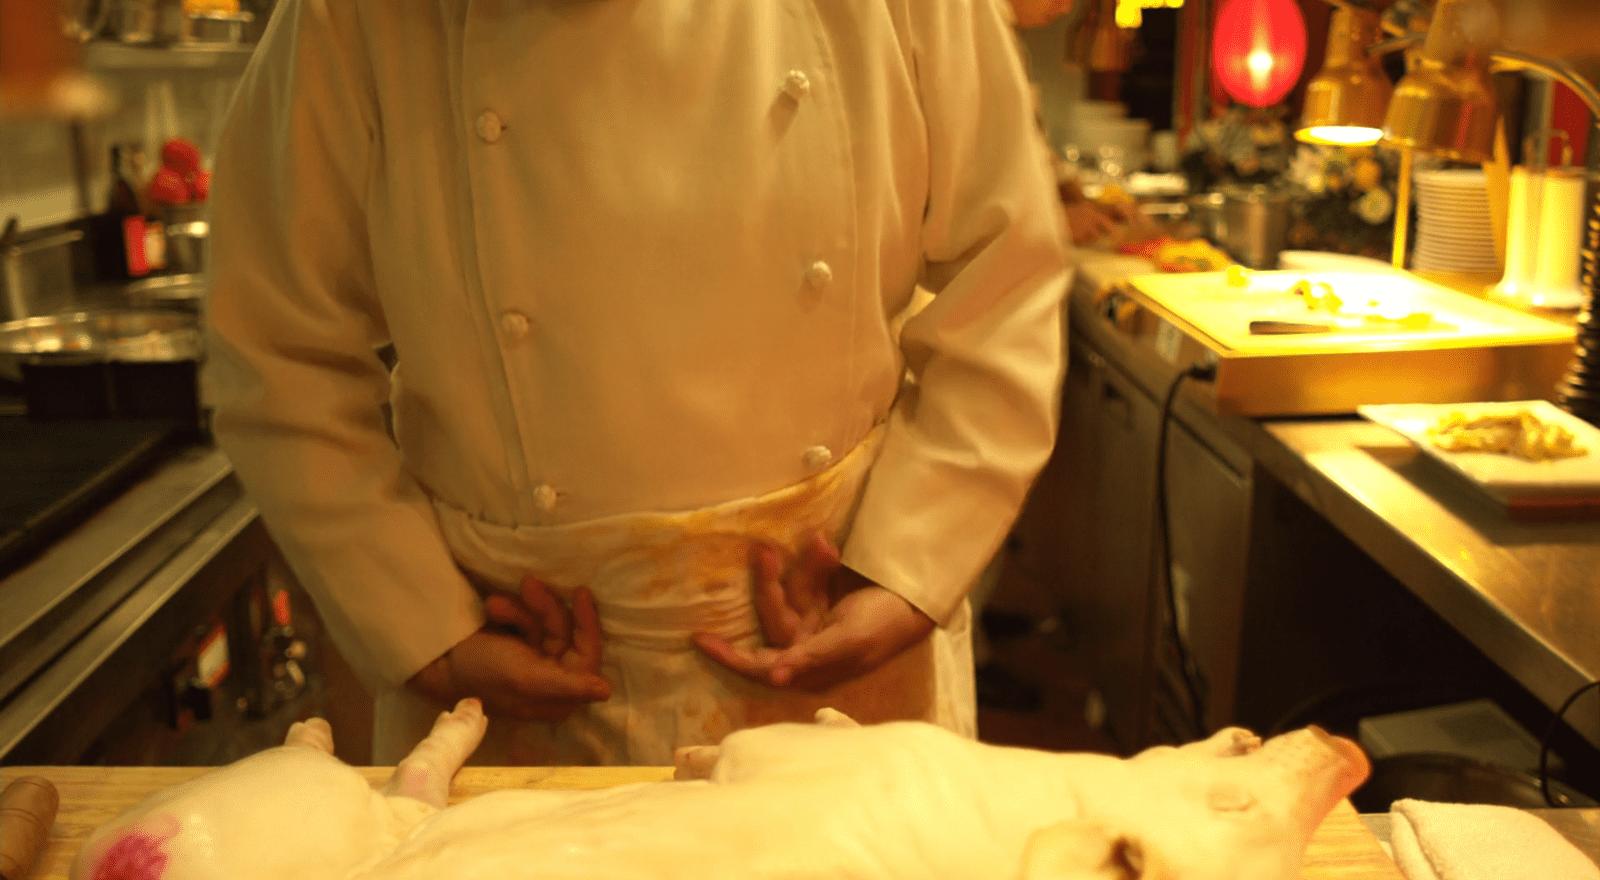 Über den Zwischenwirt Schwein gelangt das Virus an die Hände eines Kochs. Filmstill aus Contagion (Soderbergh 2011).